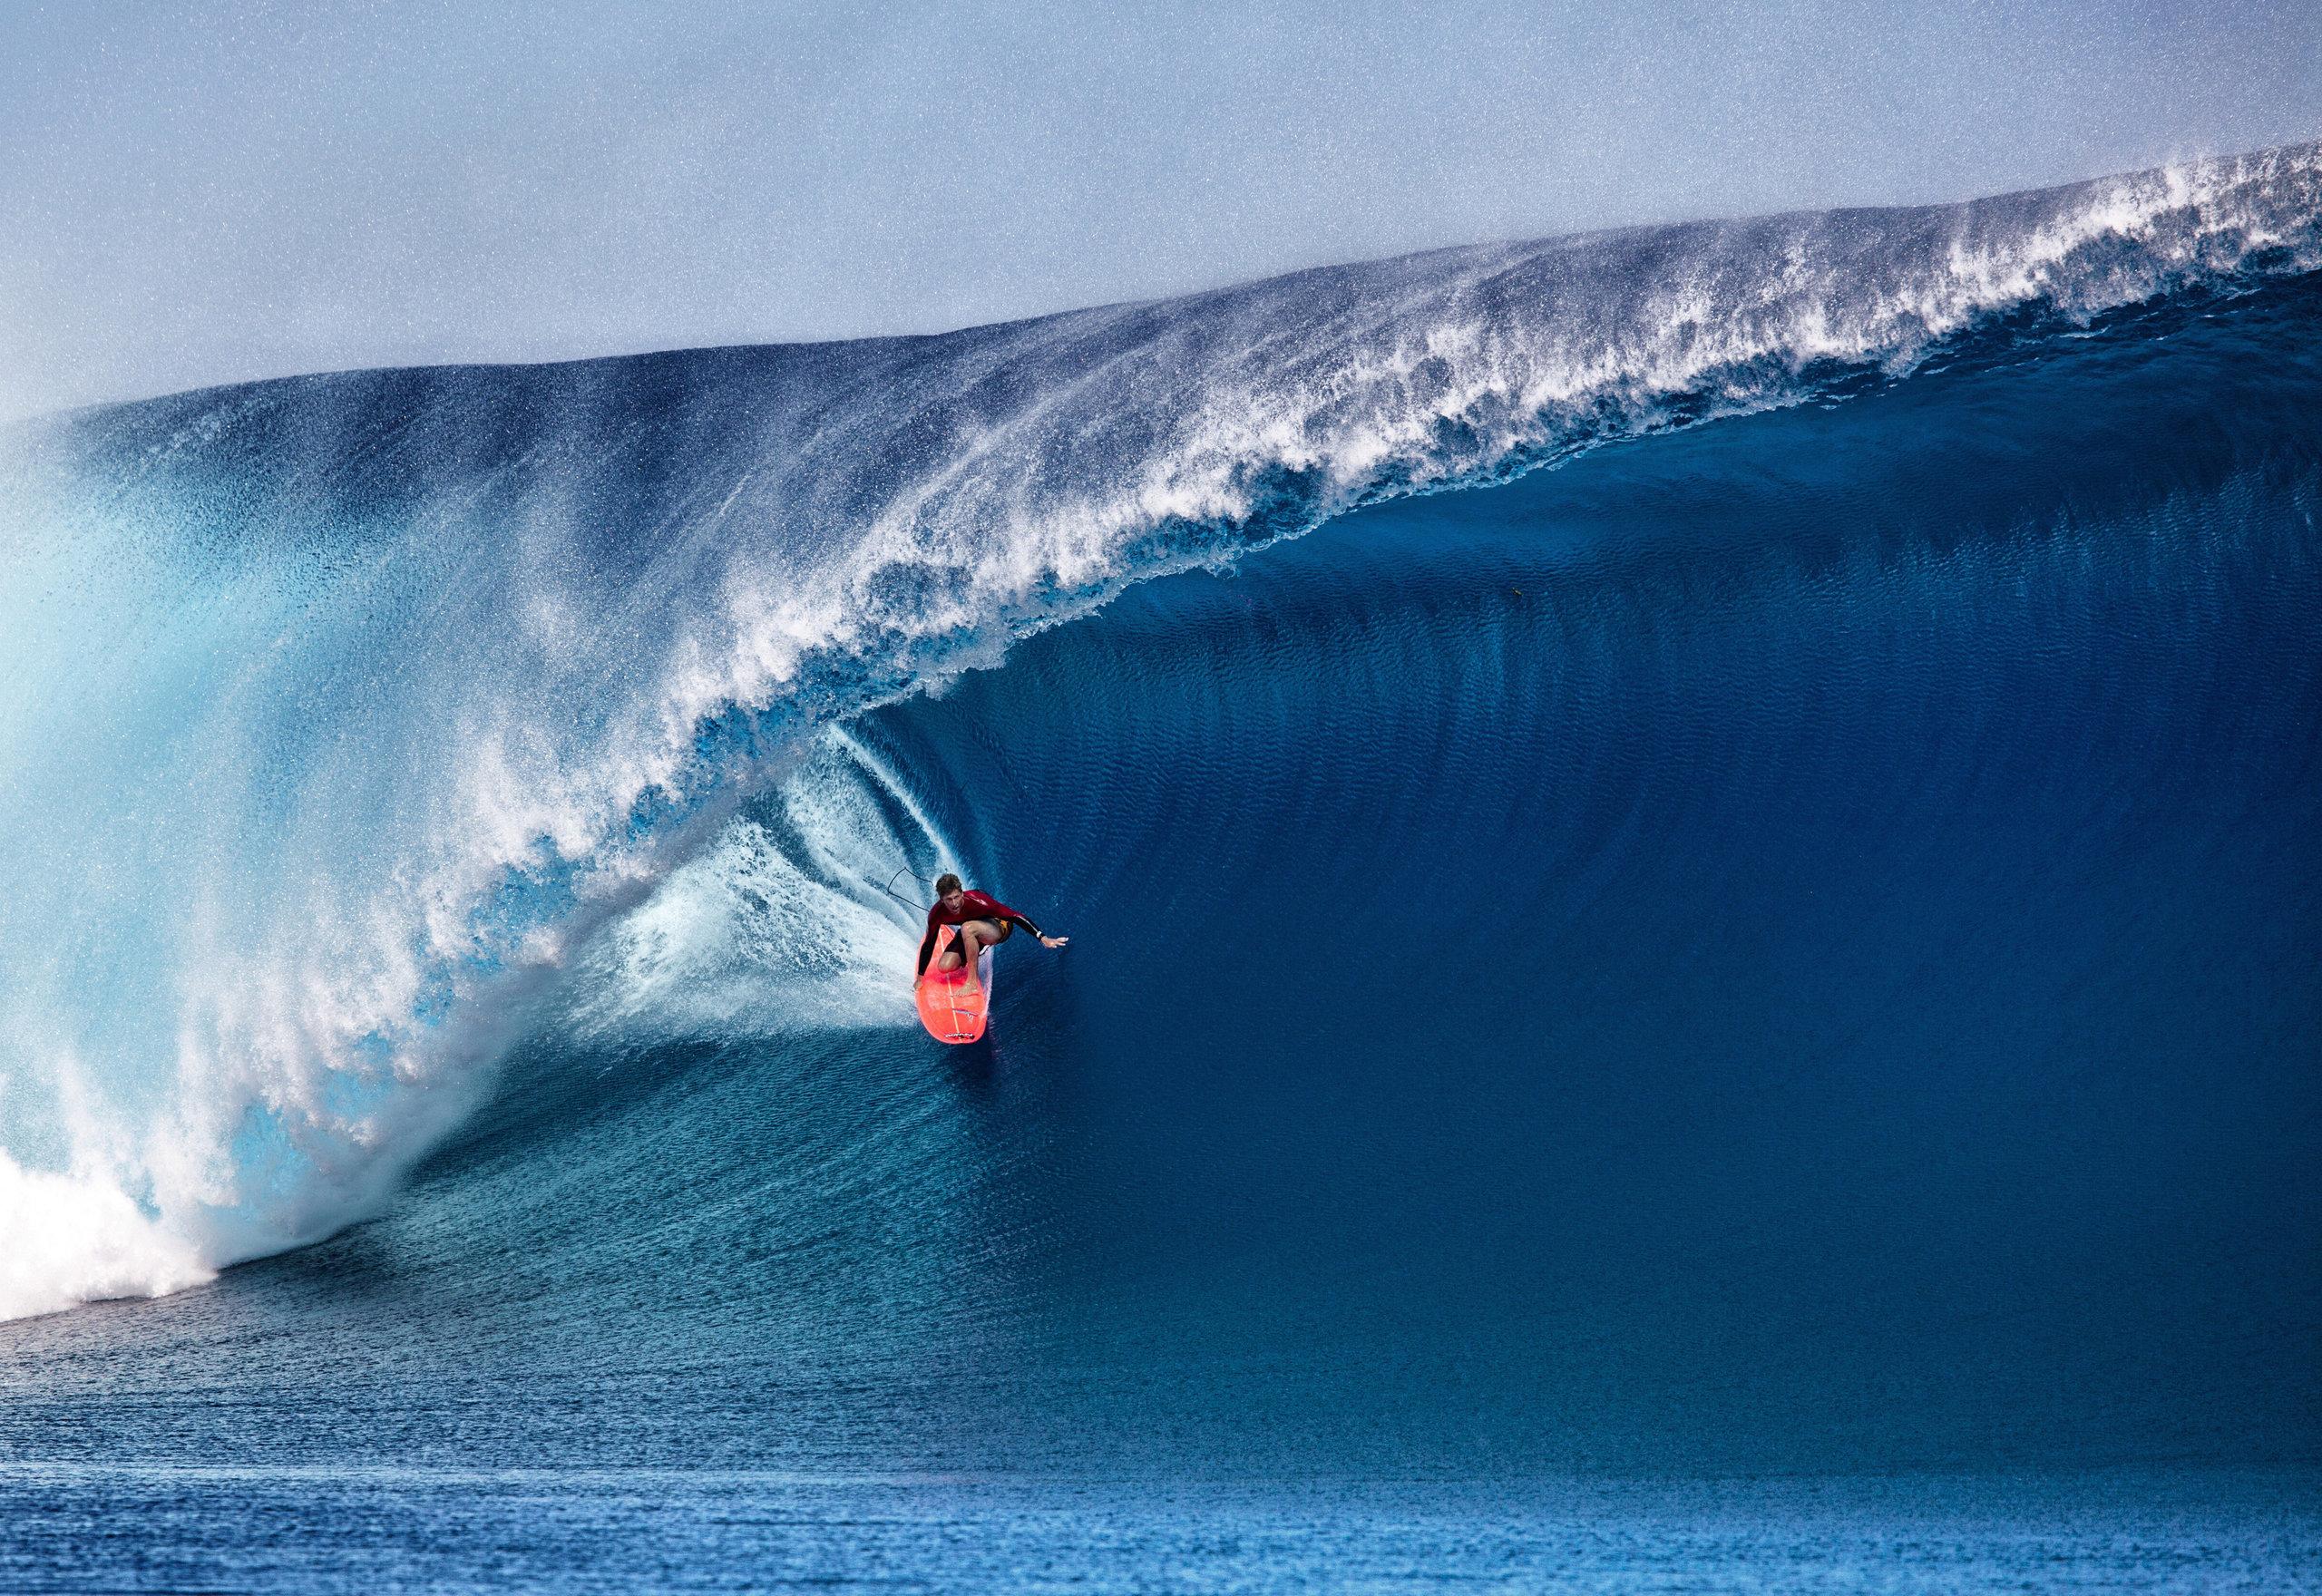 Картинки серфингистов